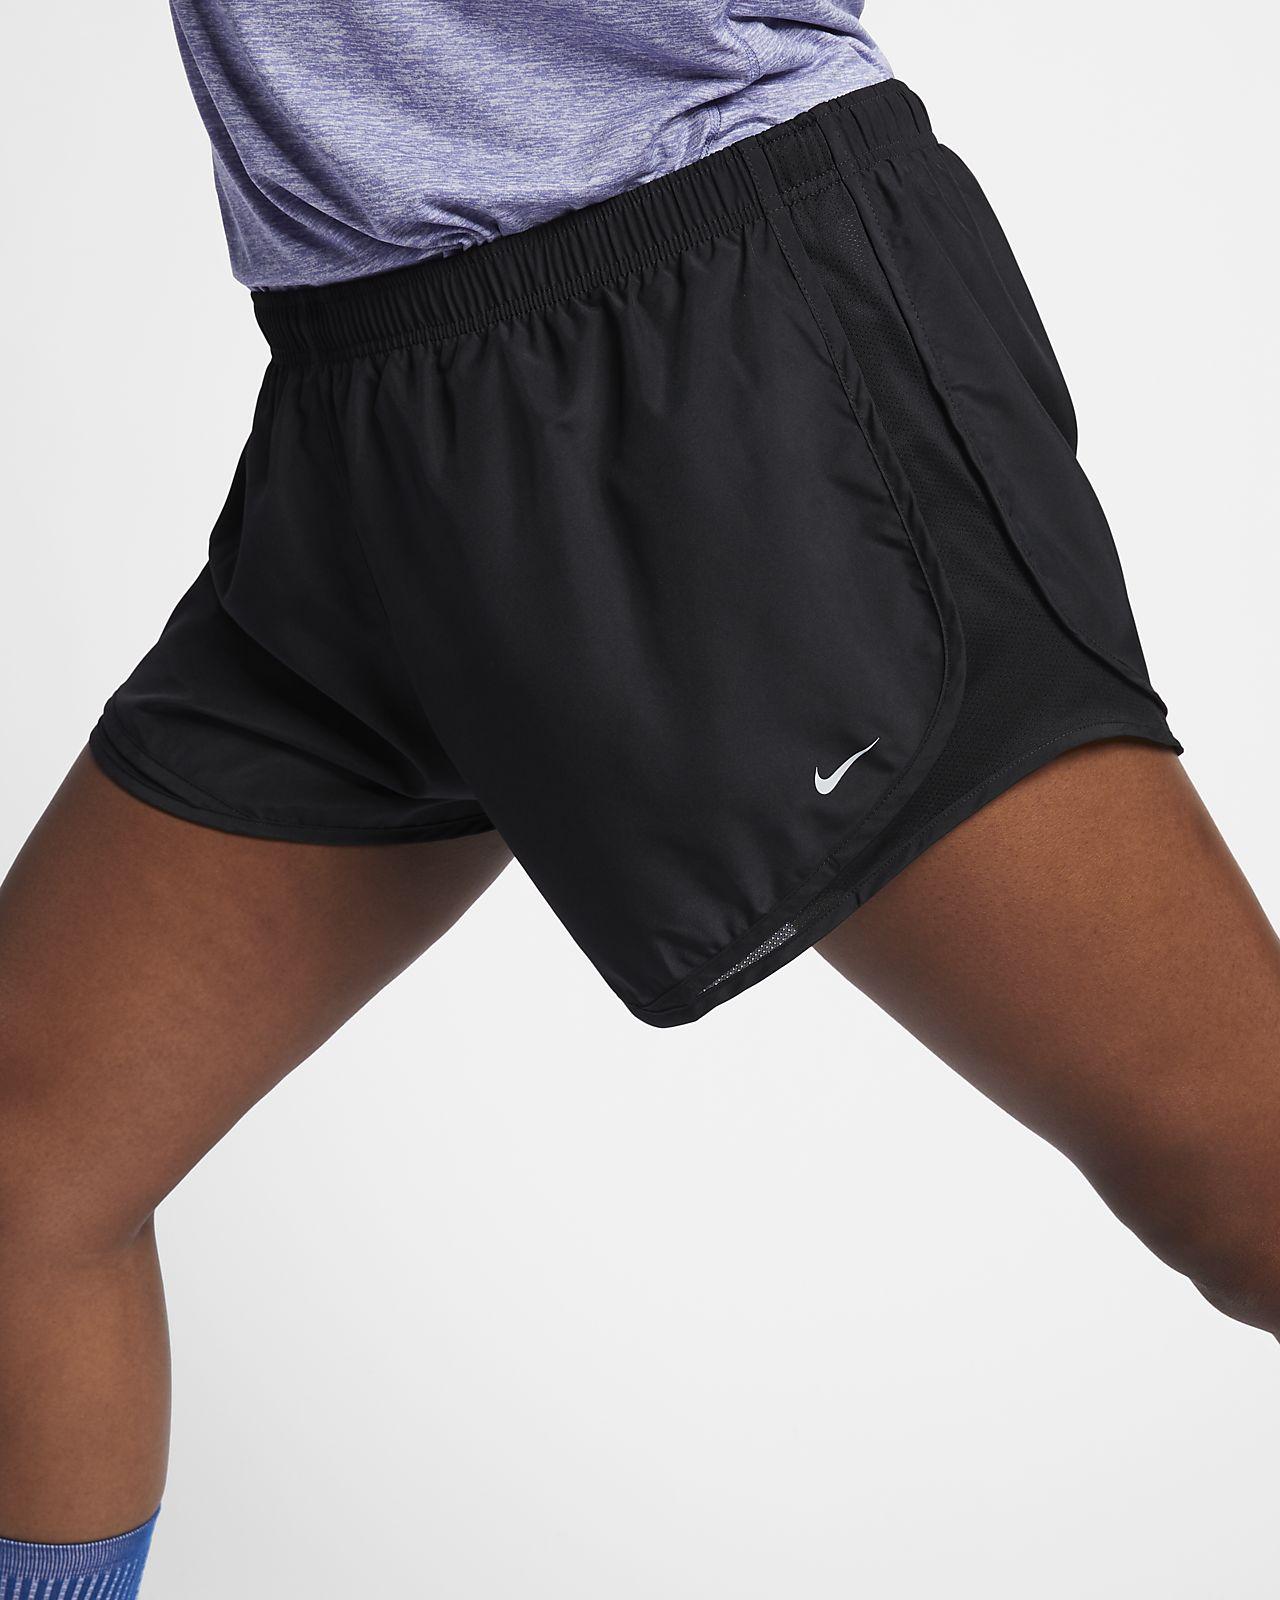 nike shorts running womens